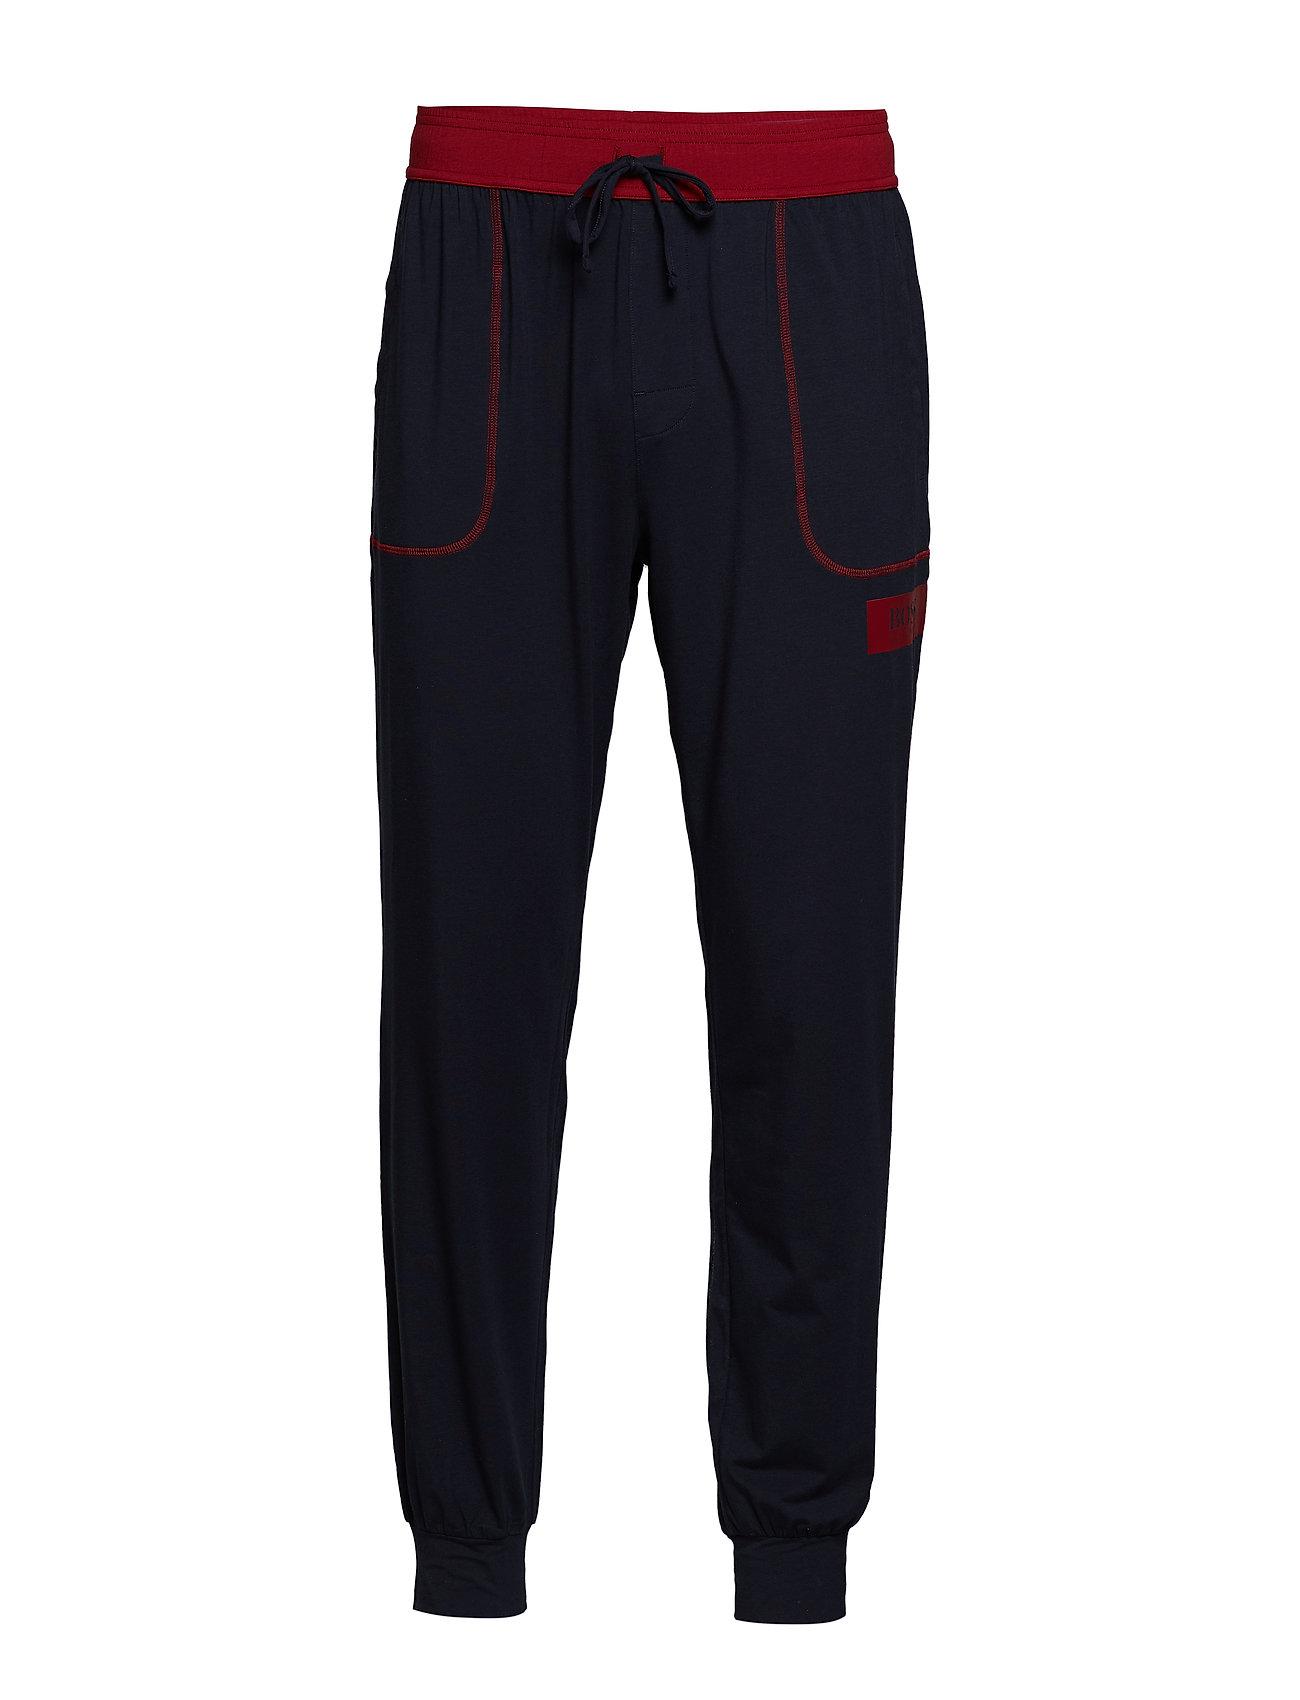 BOSS Business Wear Balance Pants - DARK BLUE